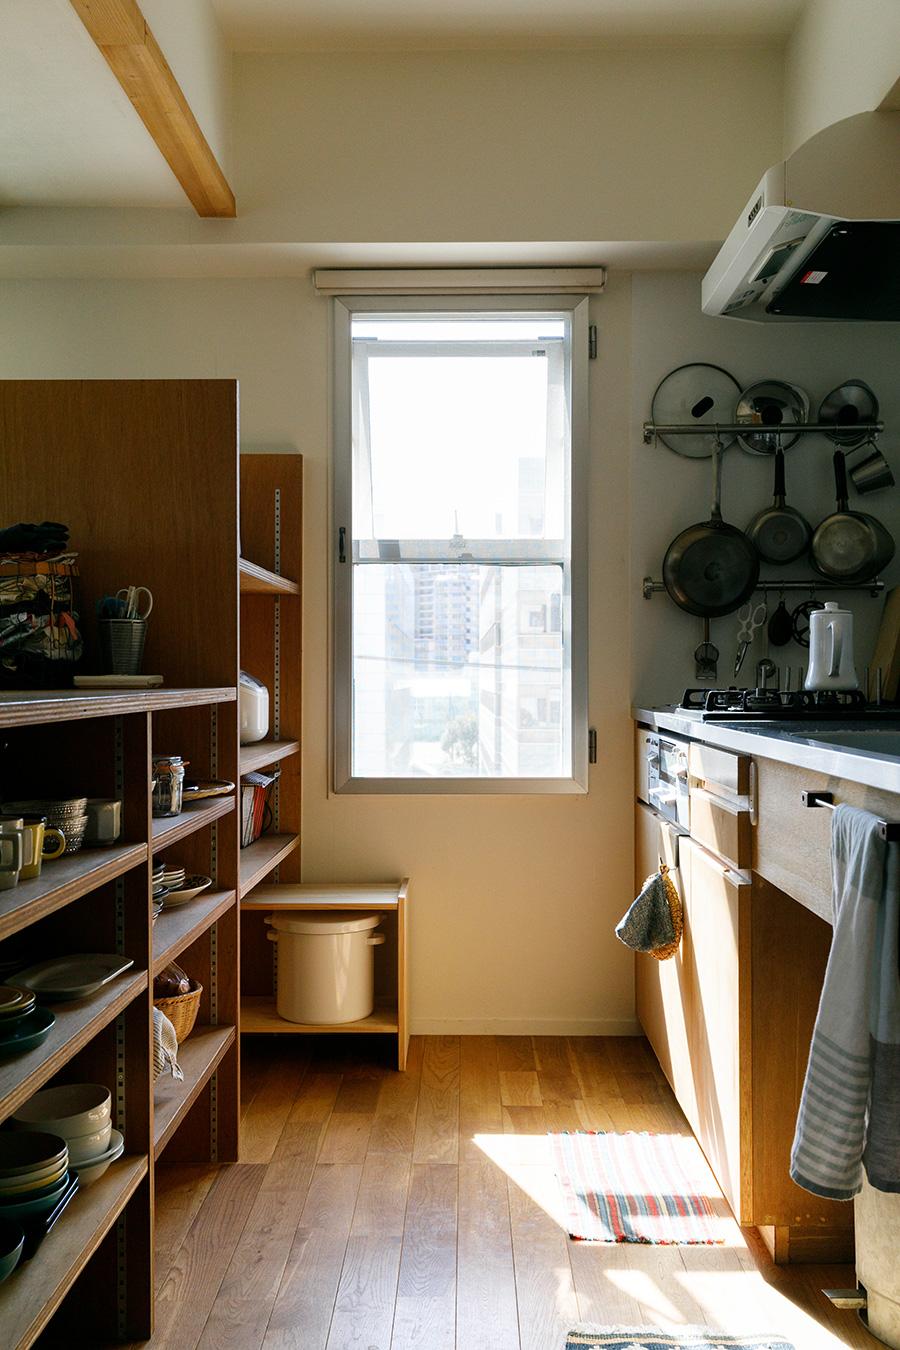 窓があり、清々しい雰囲気のキッチン。